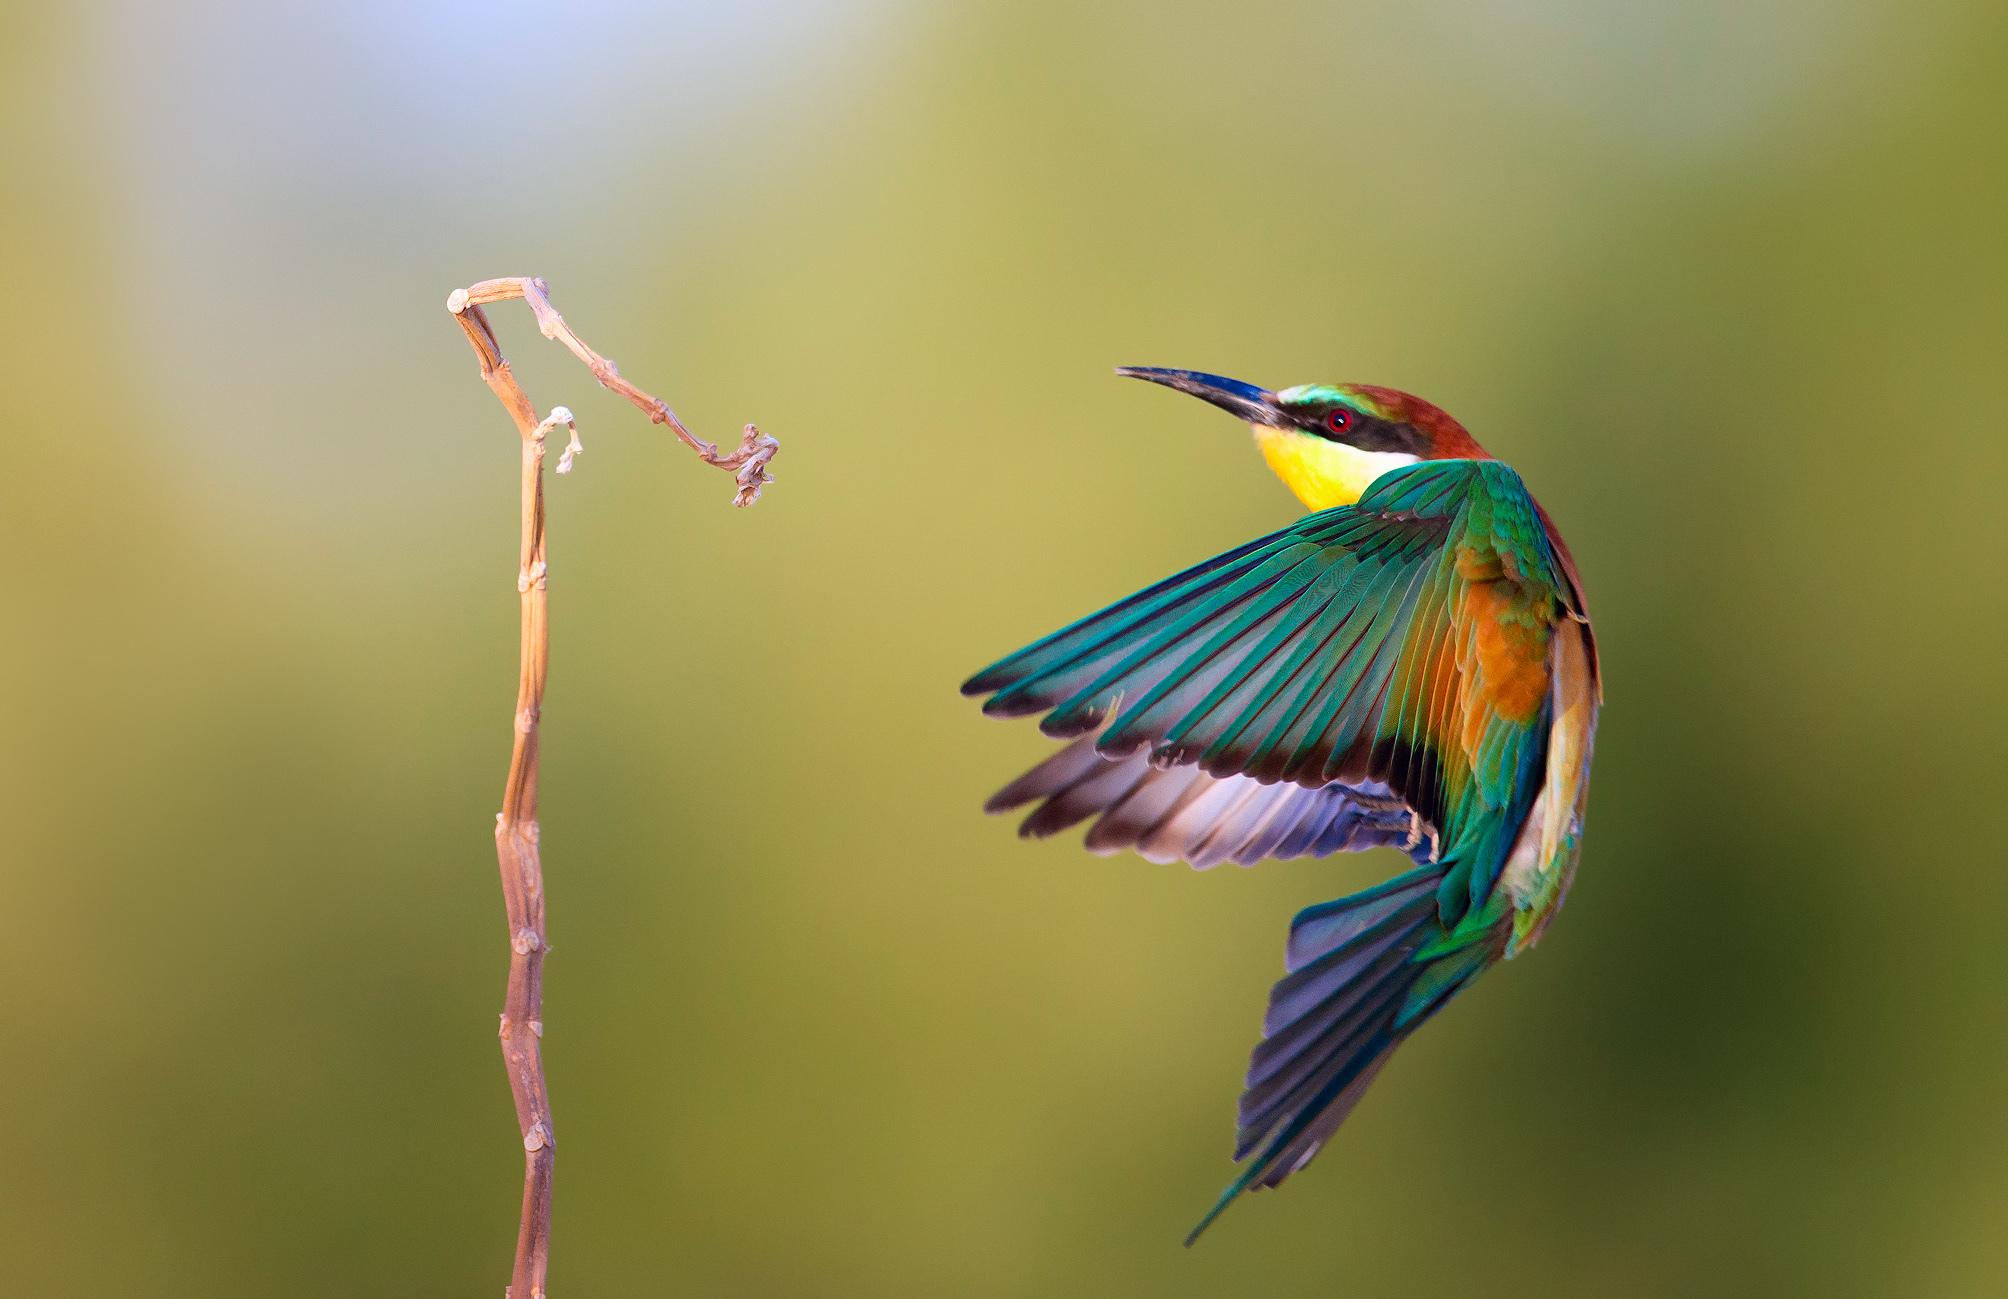 xem ảnh chim đẹp